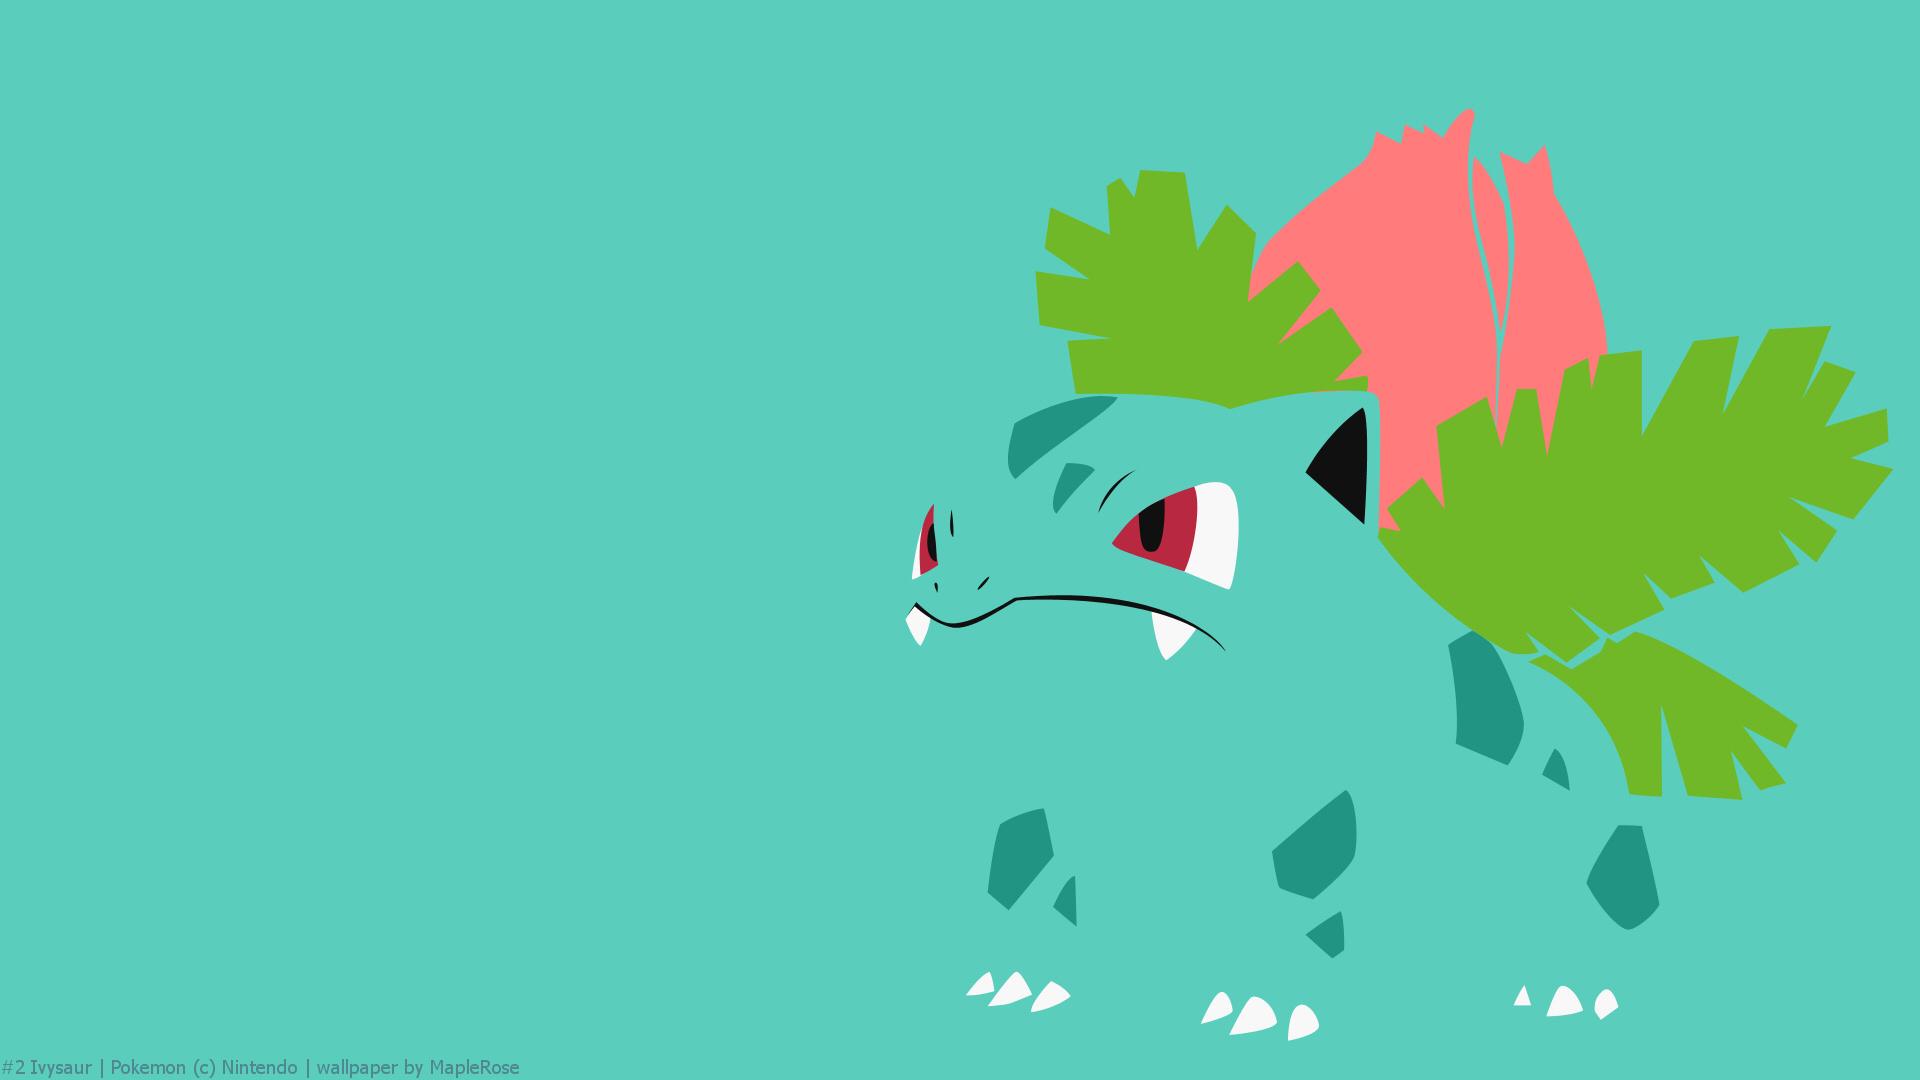 #2 Ivysaur | PokéWalls Pokemon Wallpaper Ivysaur